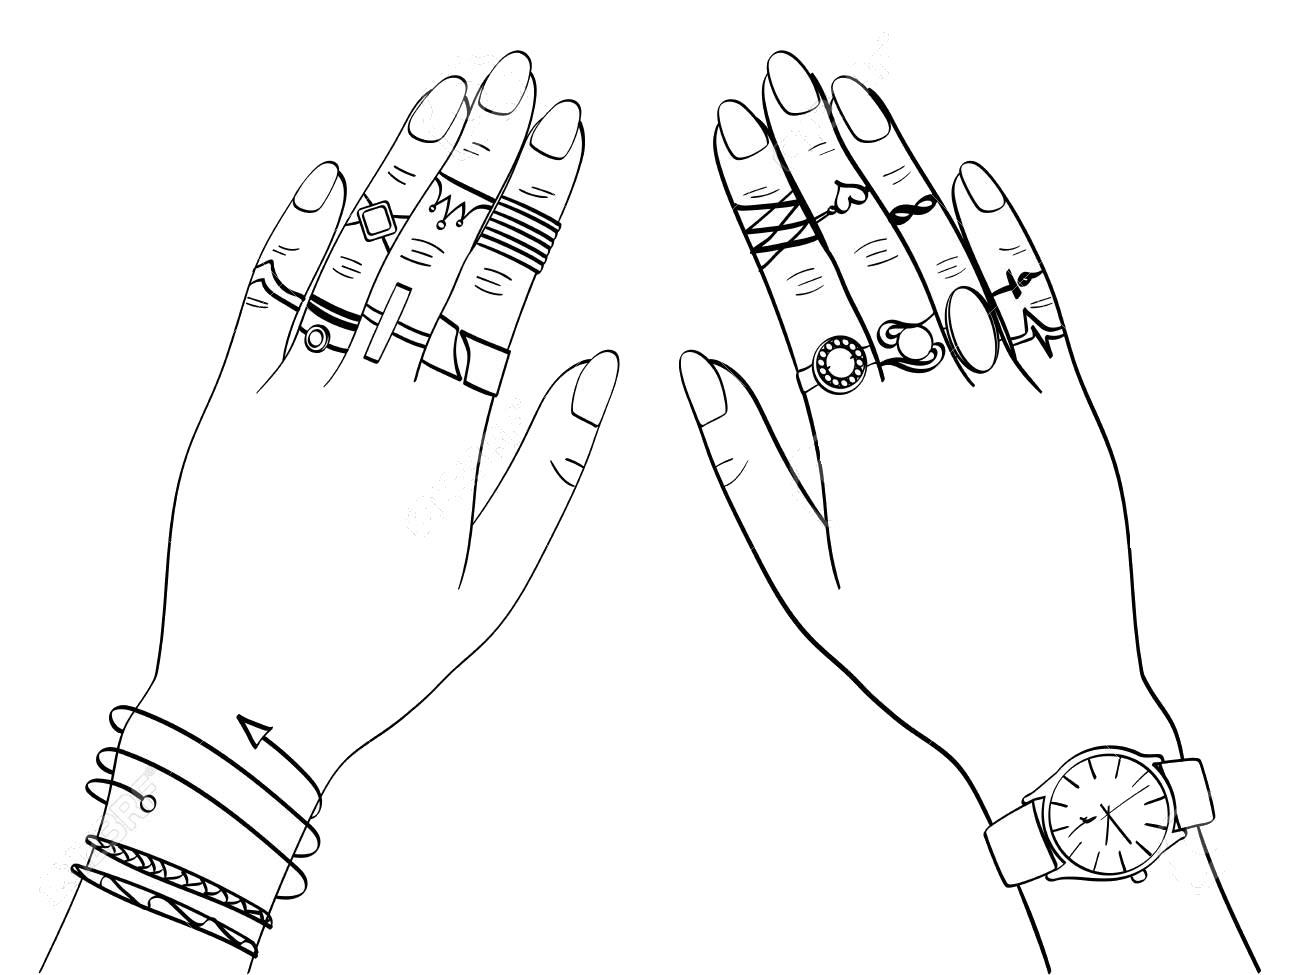 Tranh tô màu bàn tay đeo trang sức đẹp nhất